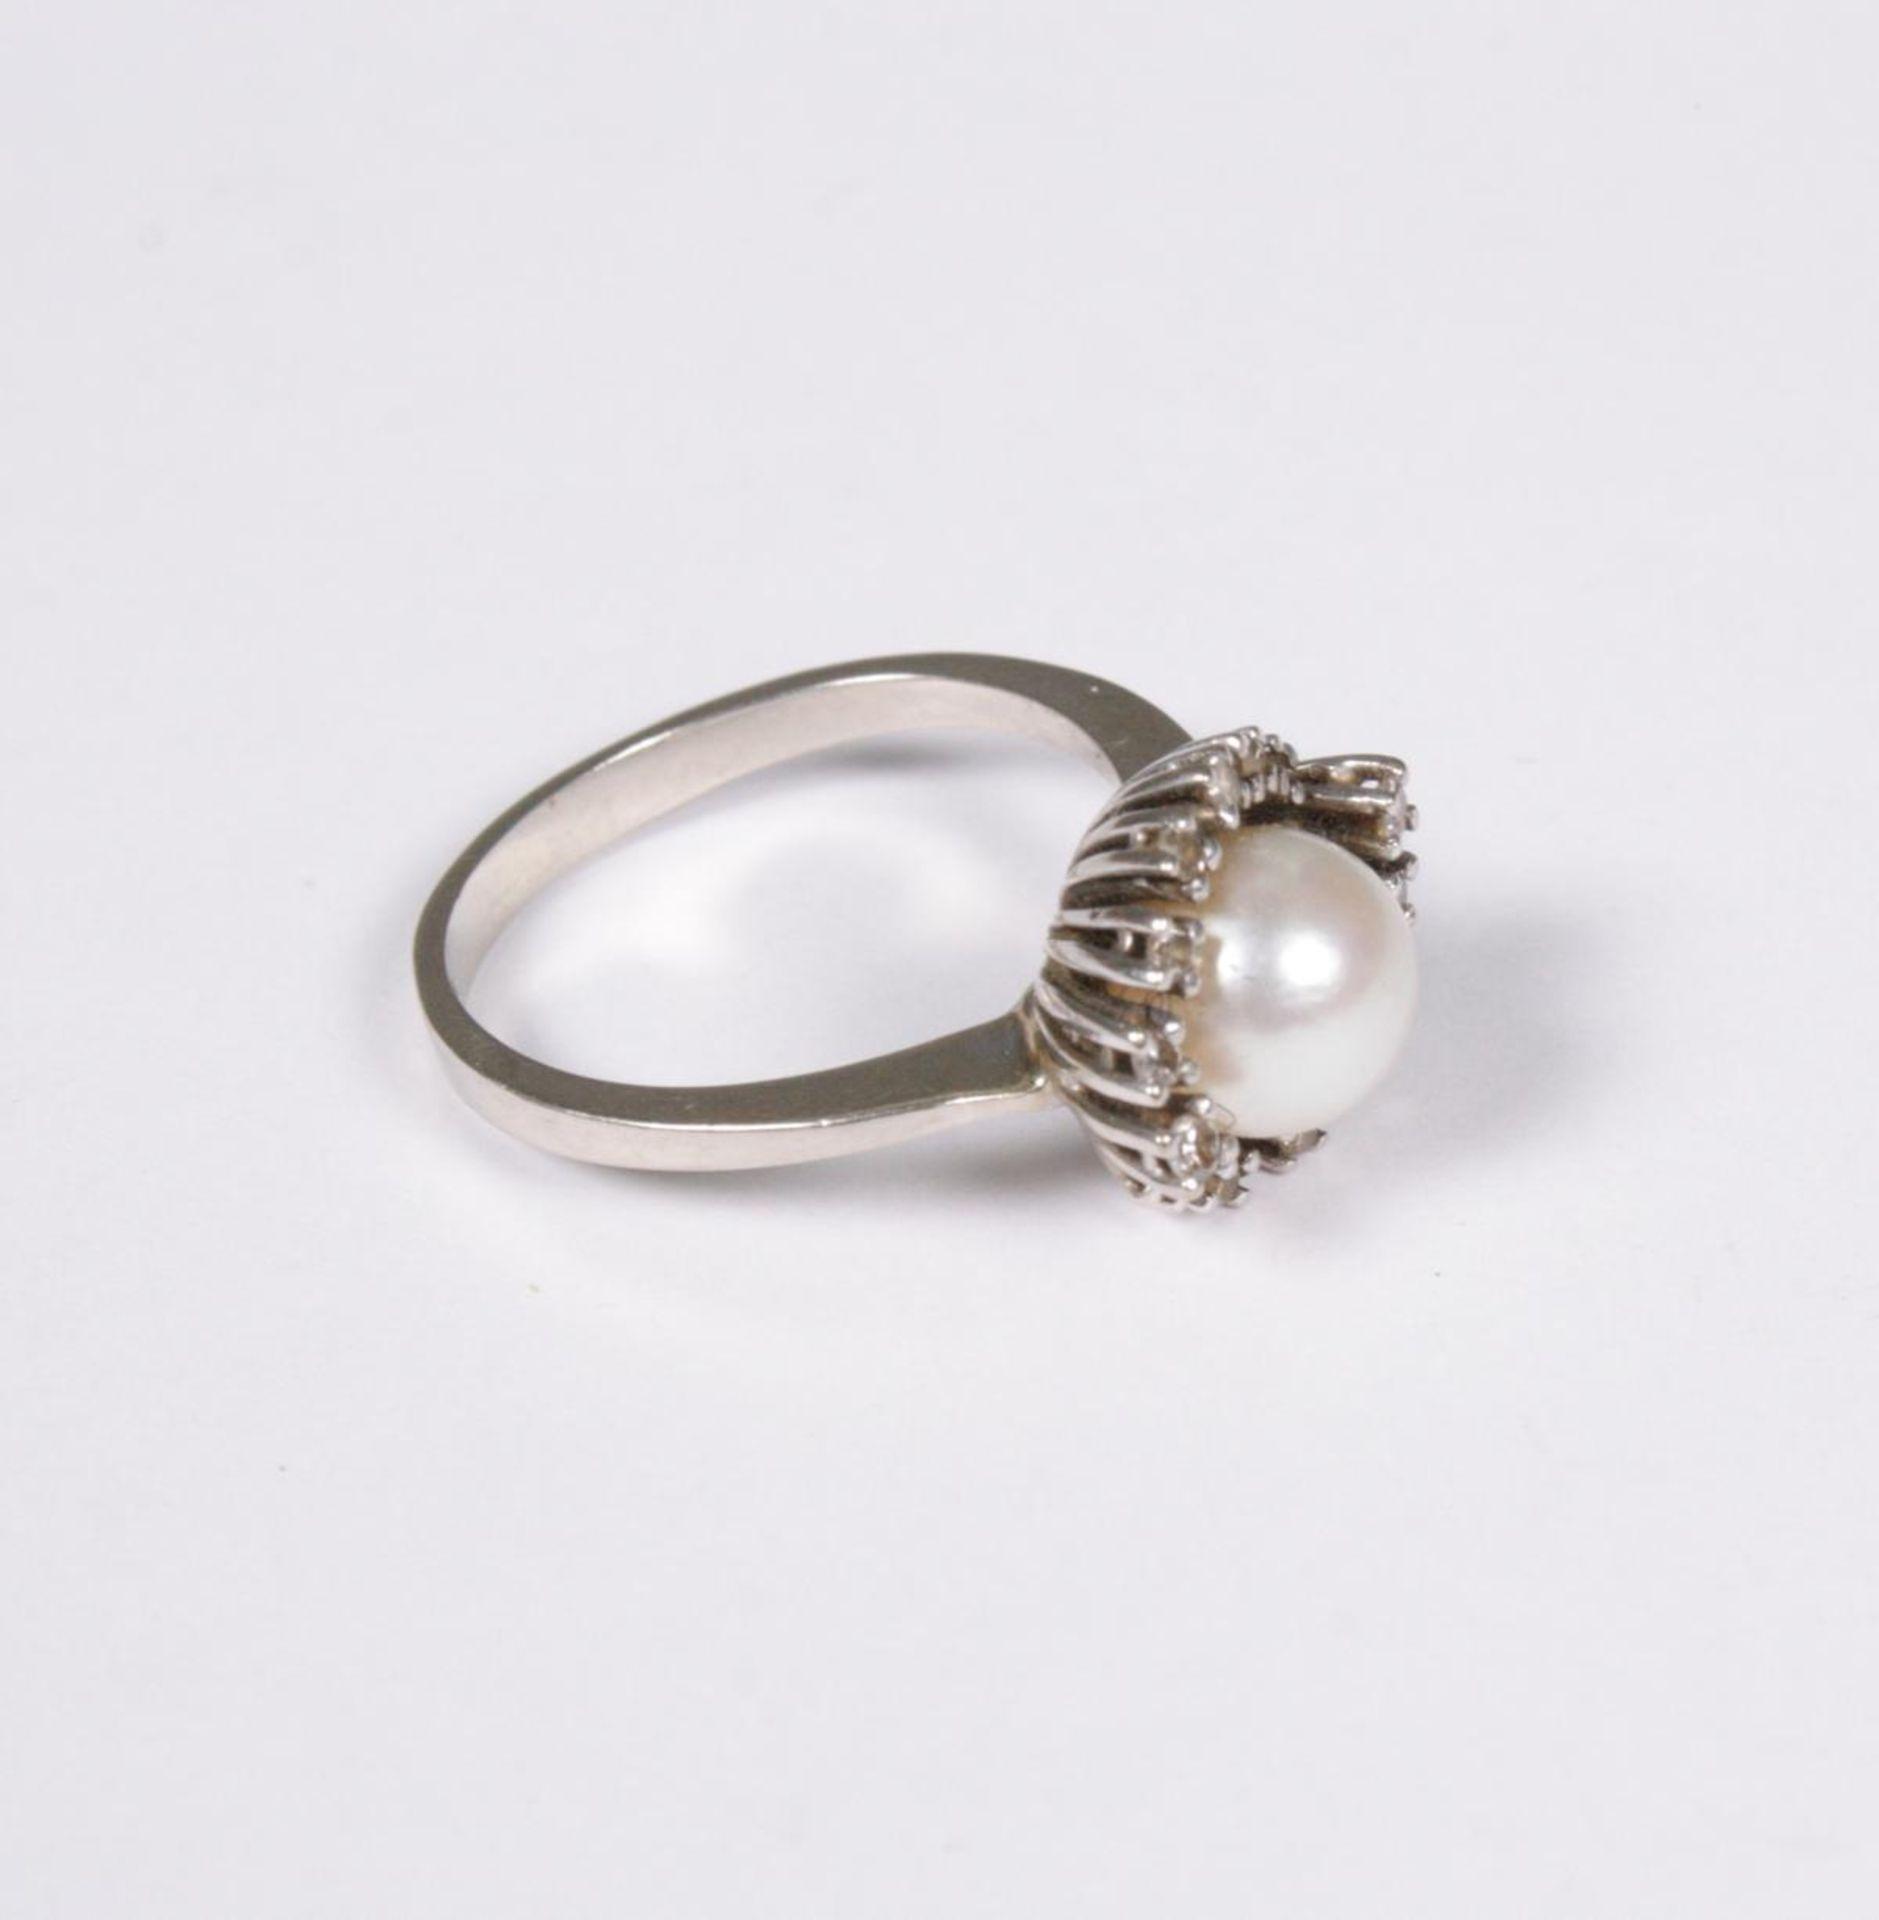 Damenring mit Diamanten und Perle, 14 Karat Weißgold - Image 2 of 3